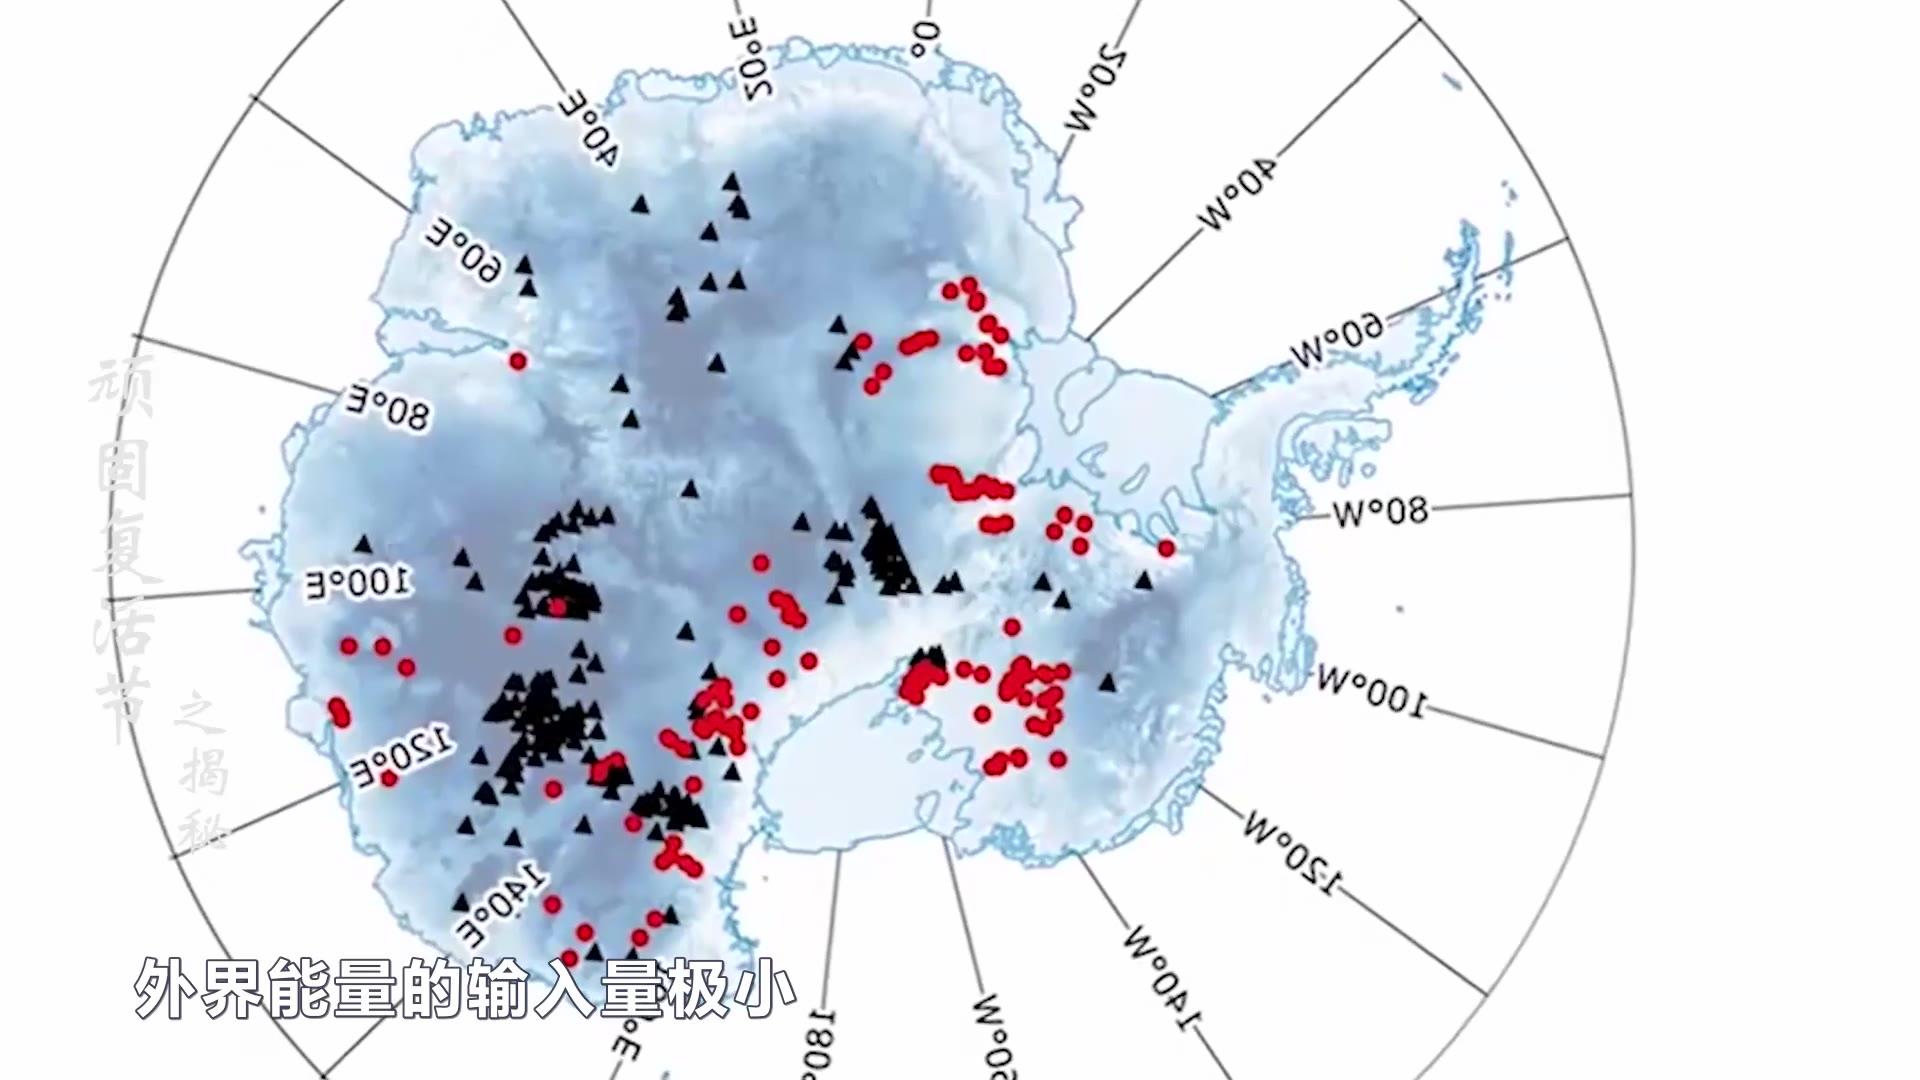 """南极冰层发现隐藏""""秘密"""",专家检测出3千多基因序列,这是怎么回事呢?"""